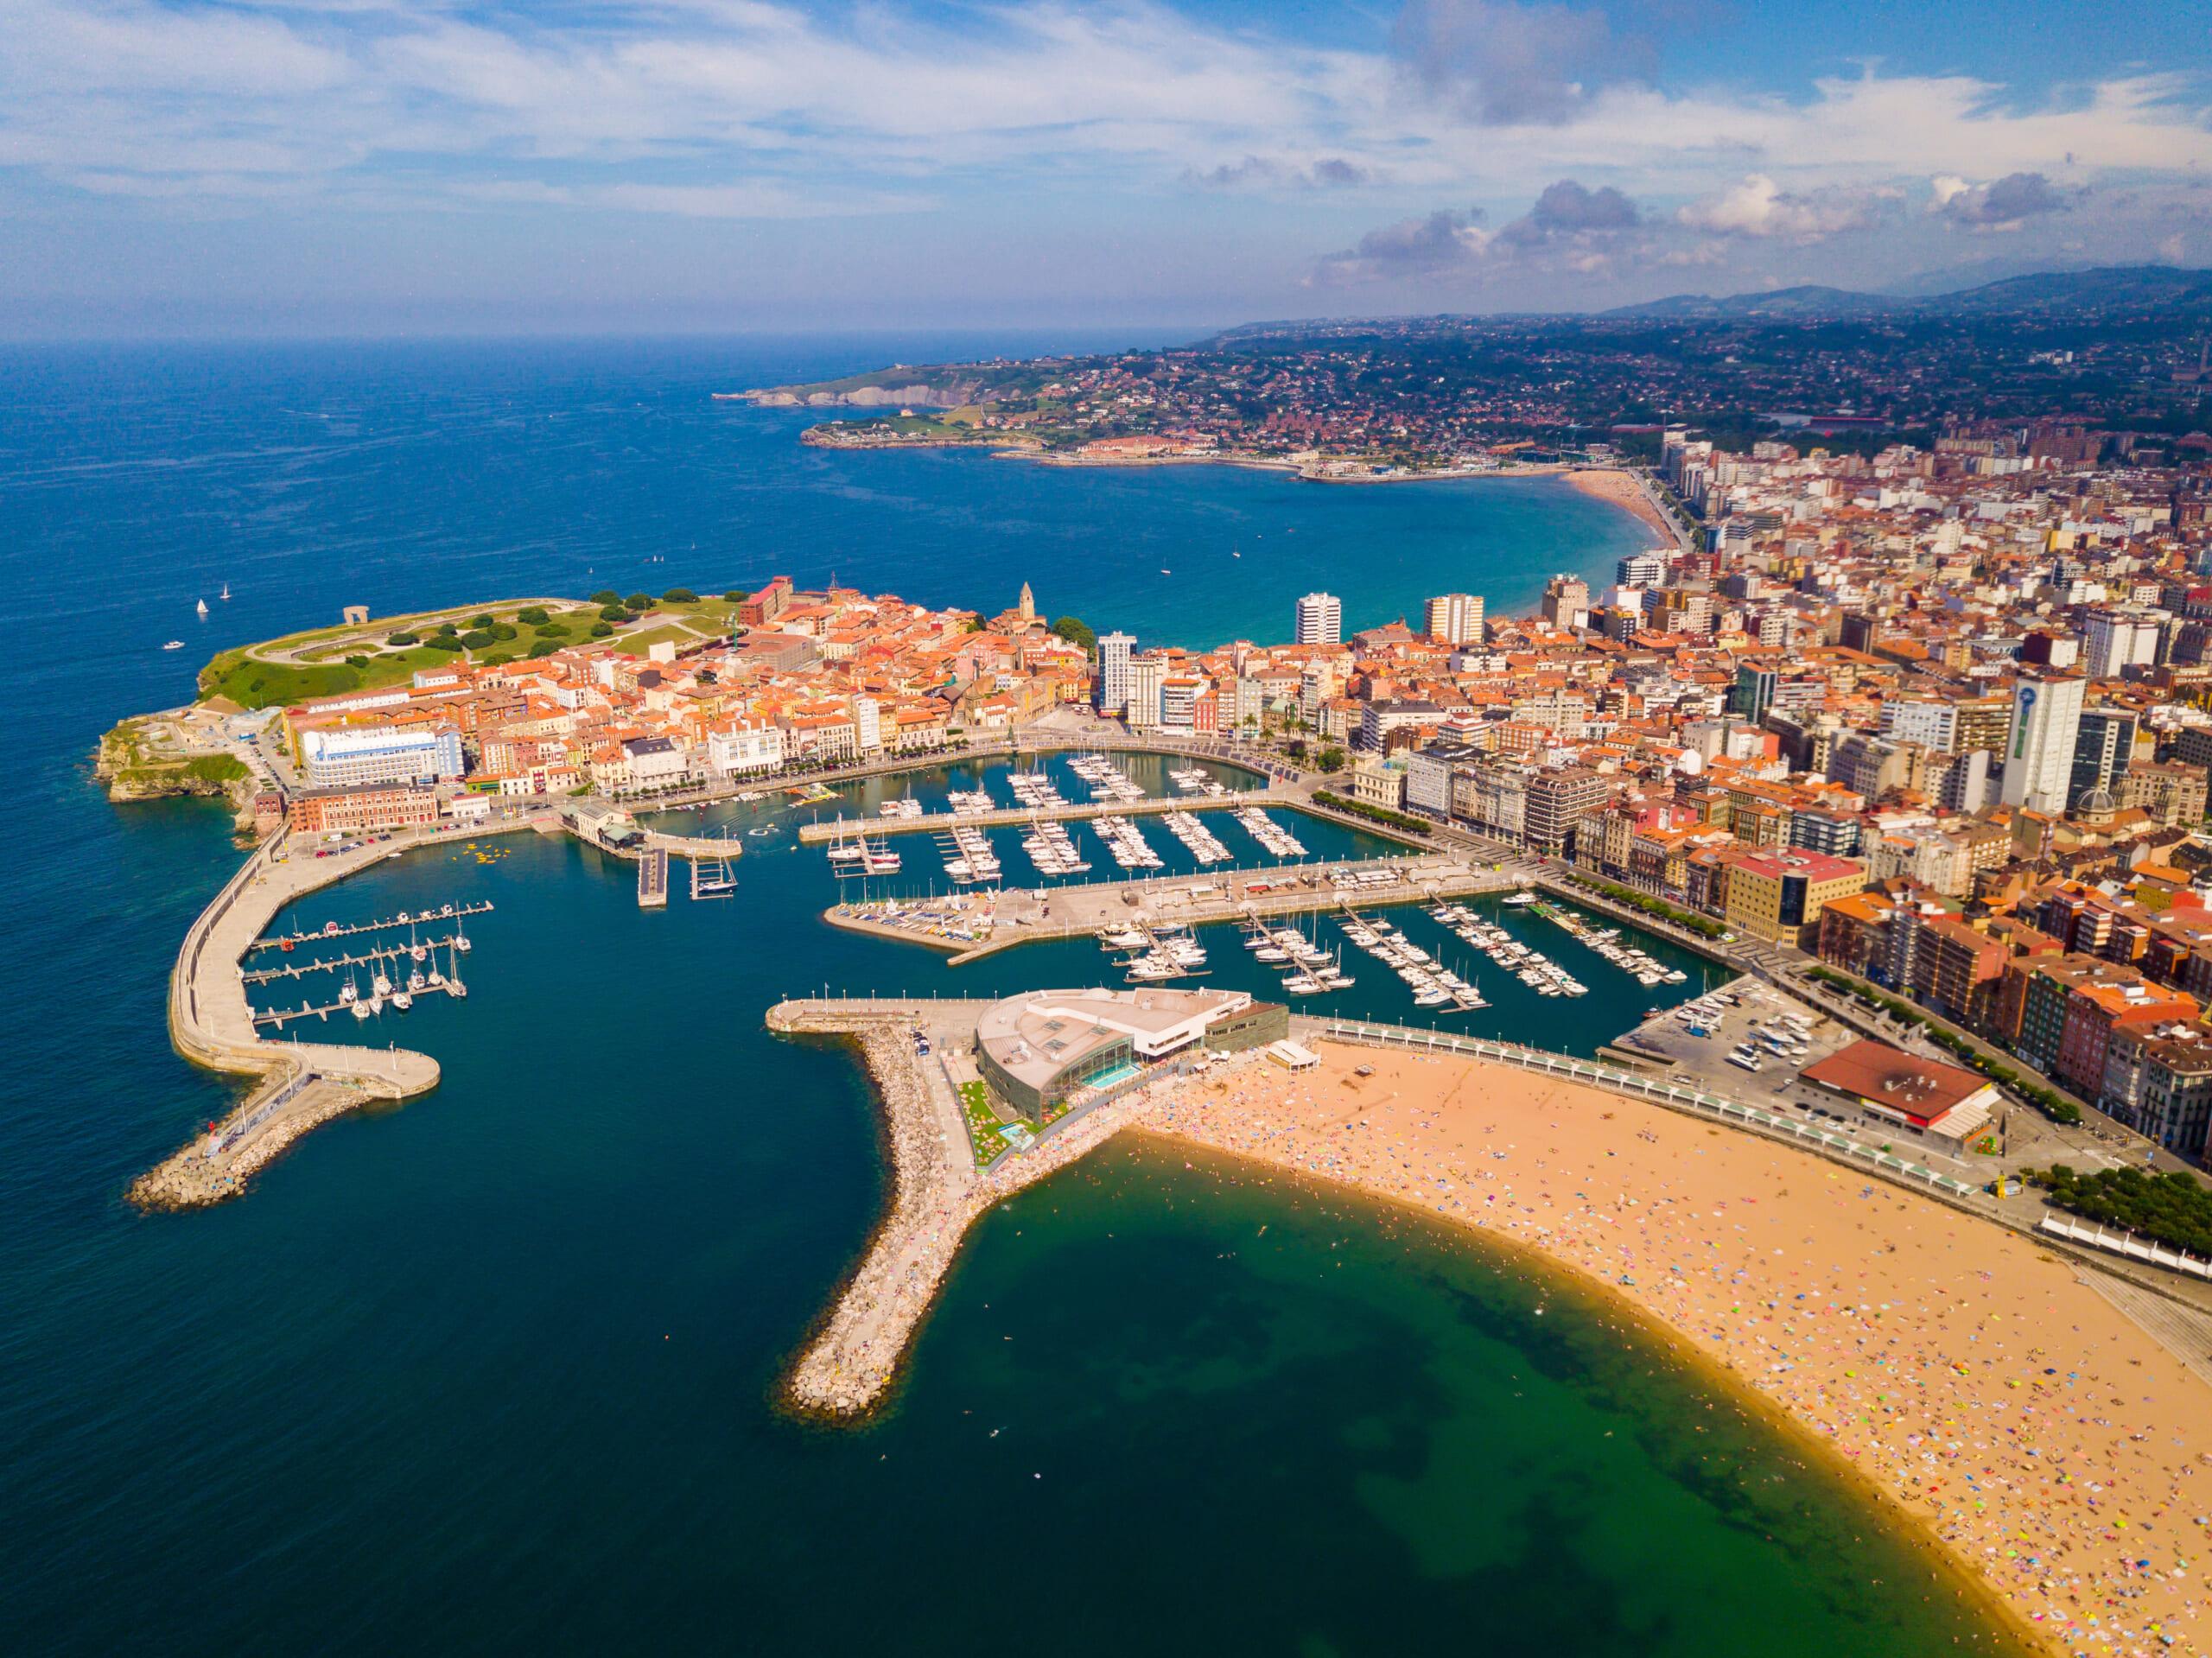 北スペインの観光スポットであるアストゥリアスのヒホン